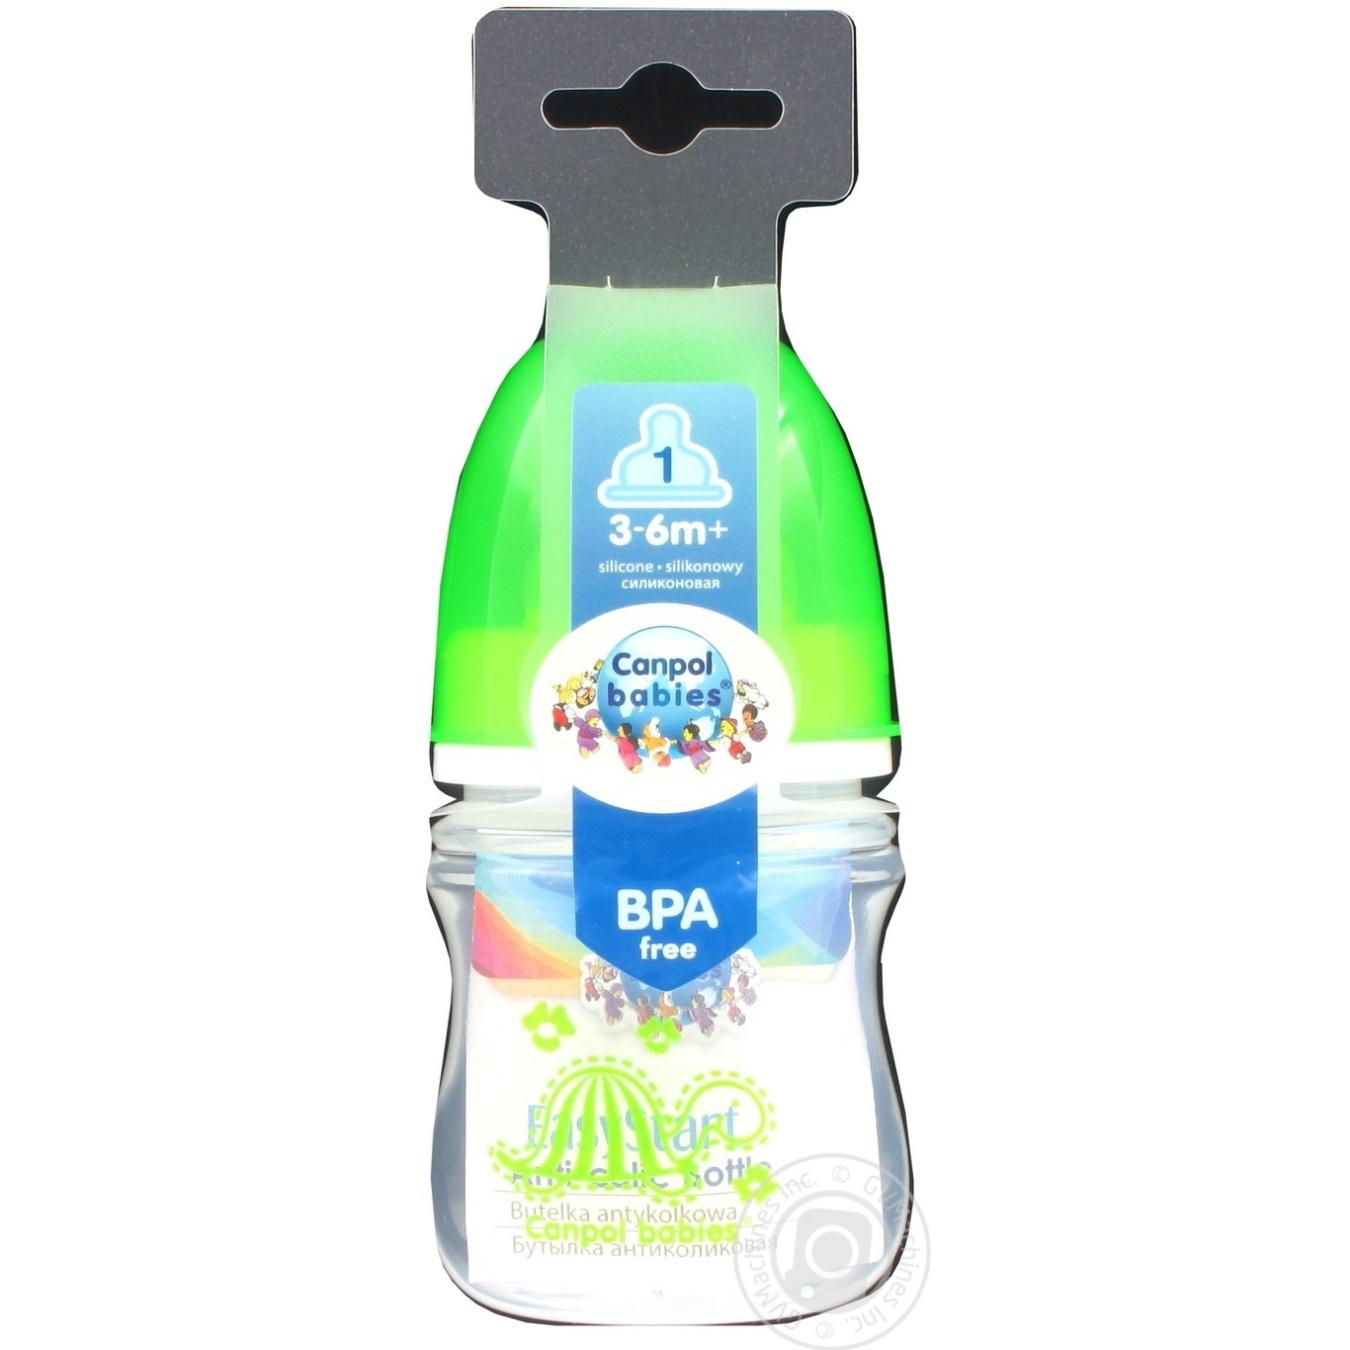 Бутылочка Canpol babies Легкий старт цветная 120мл